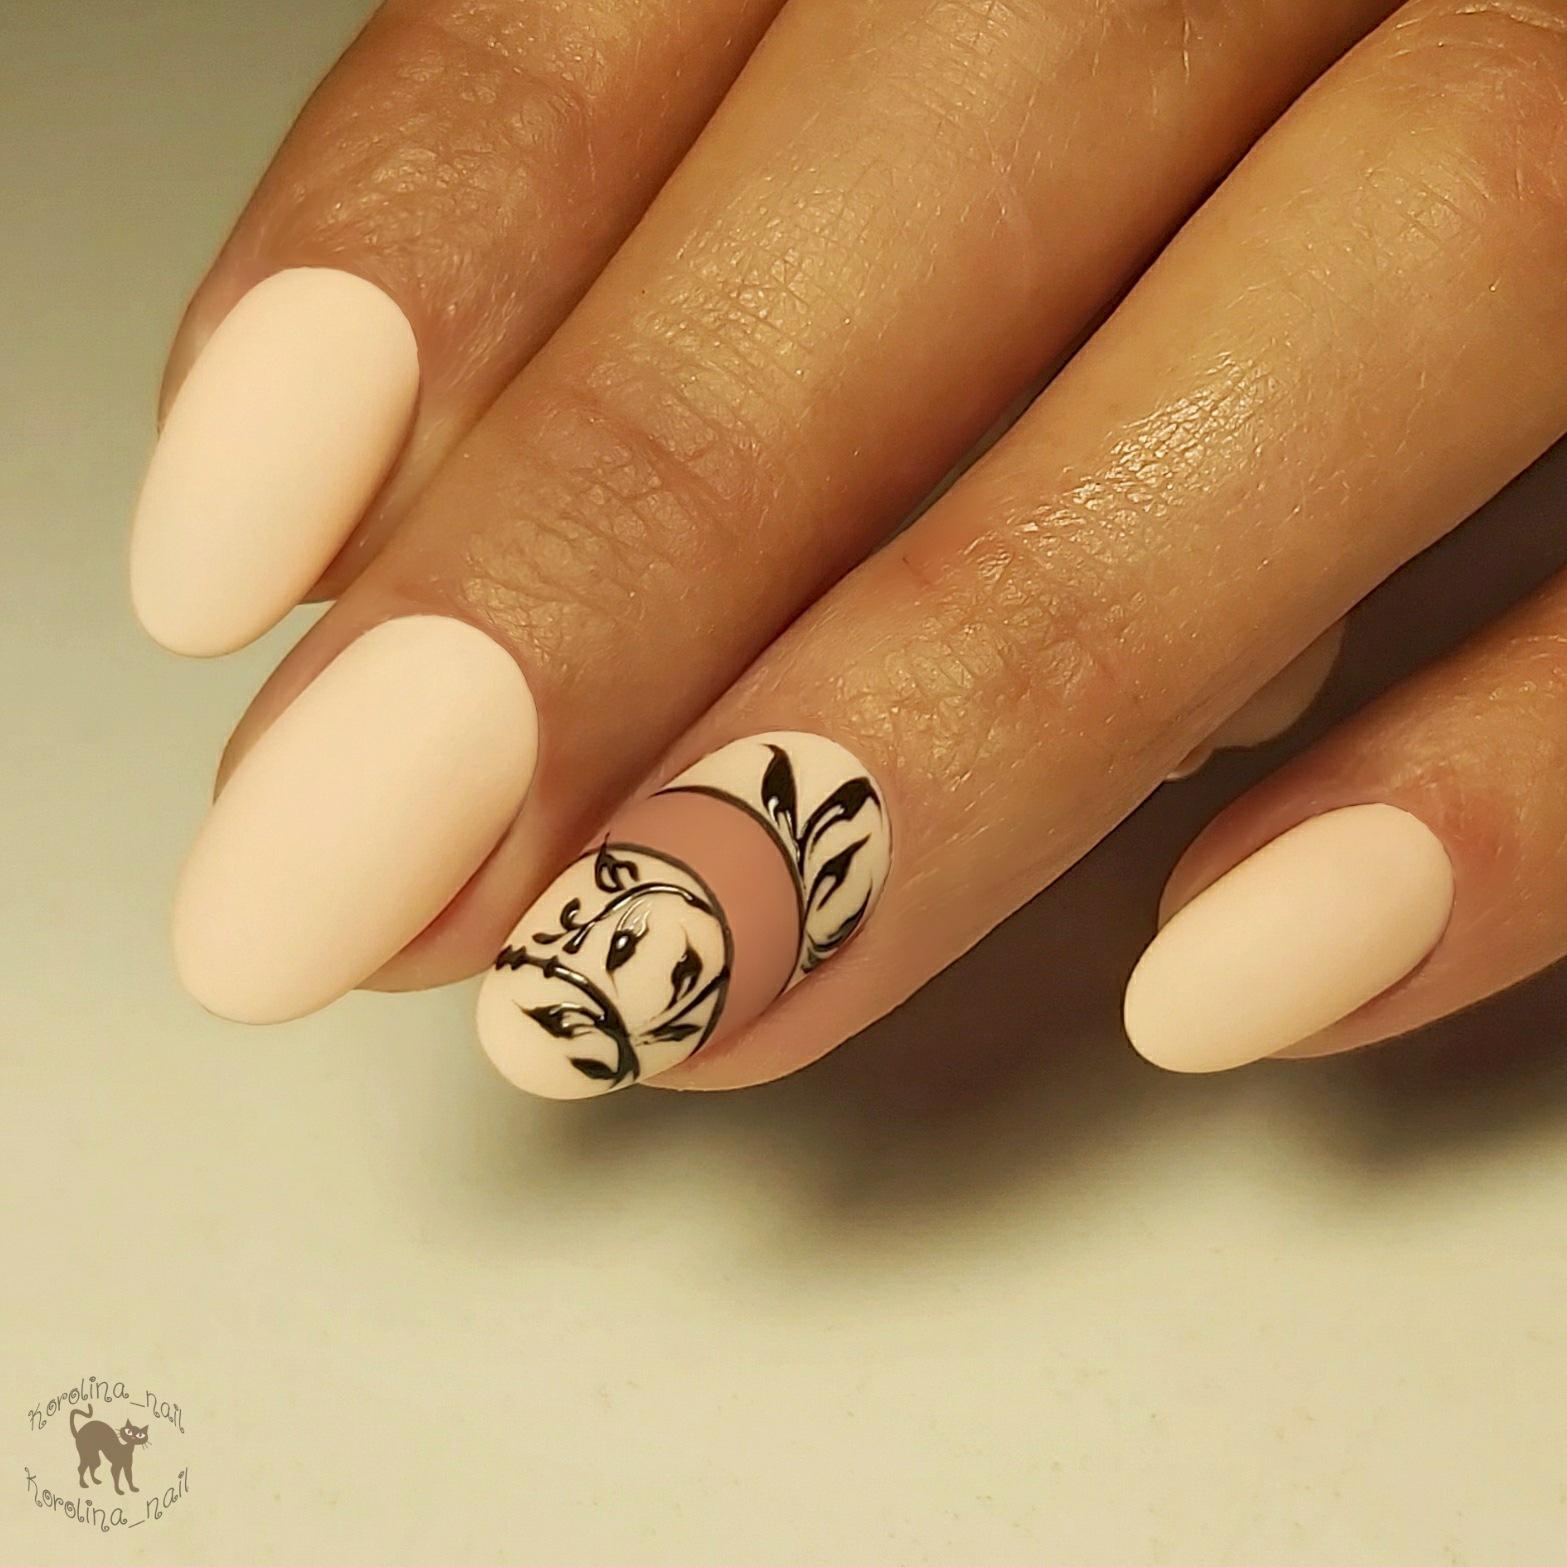 Матовый маникюр с вензелями в бежевом цвете на короткие ногти.